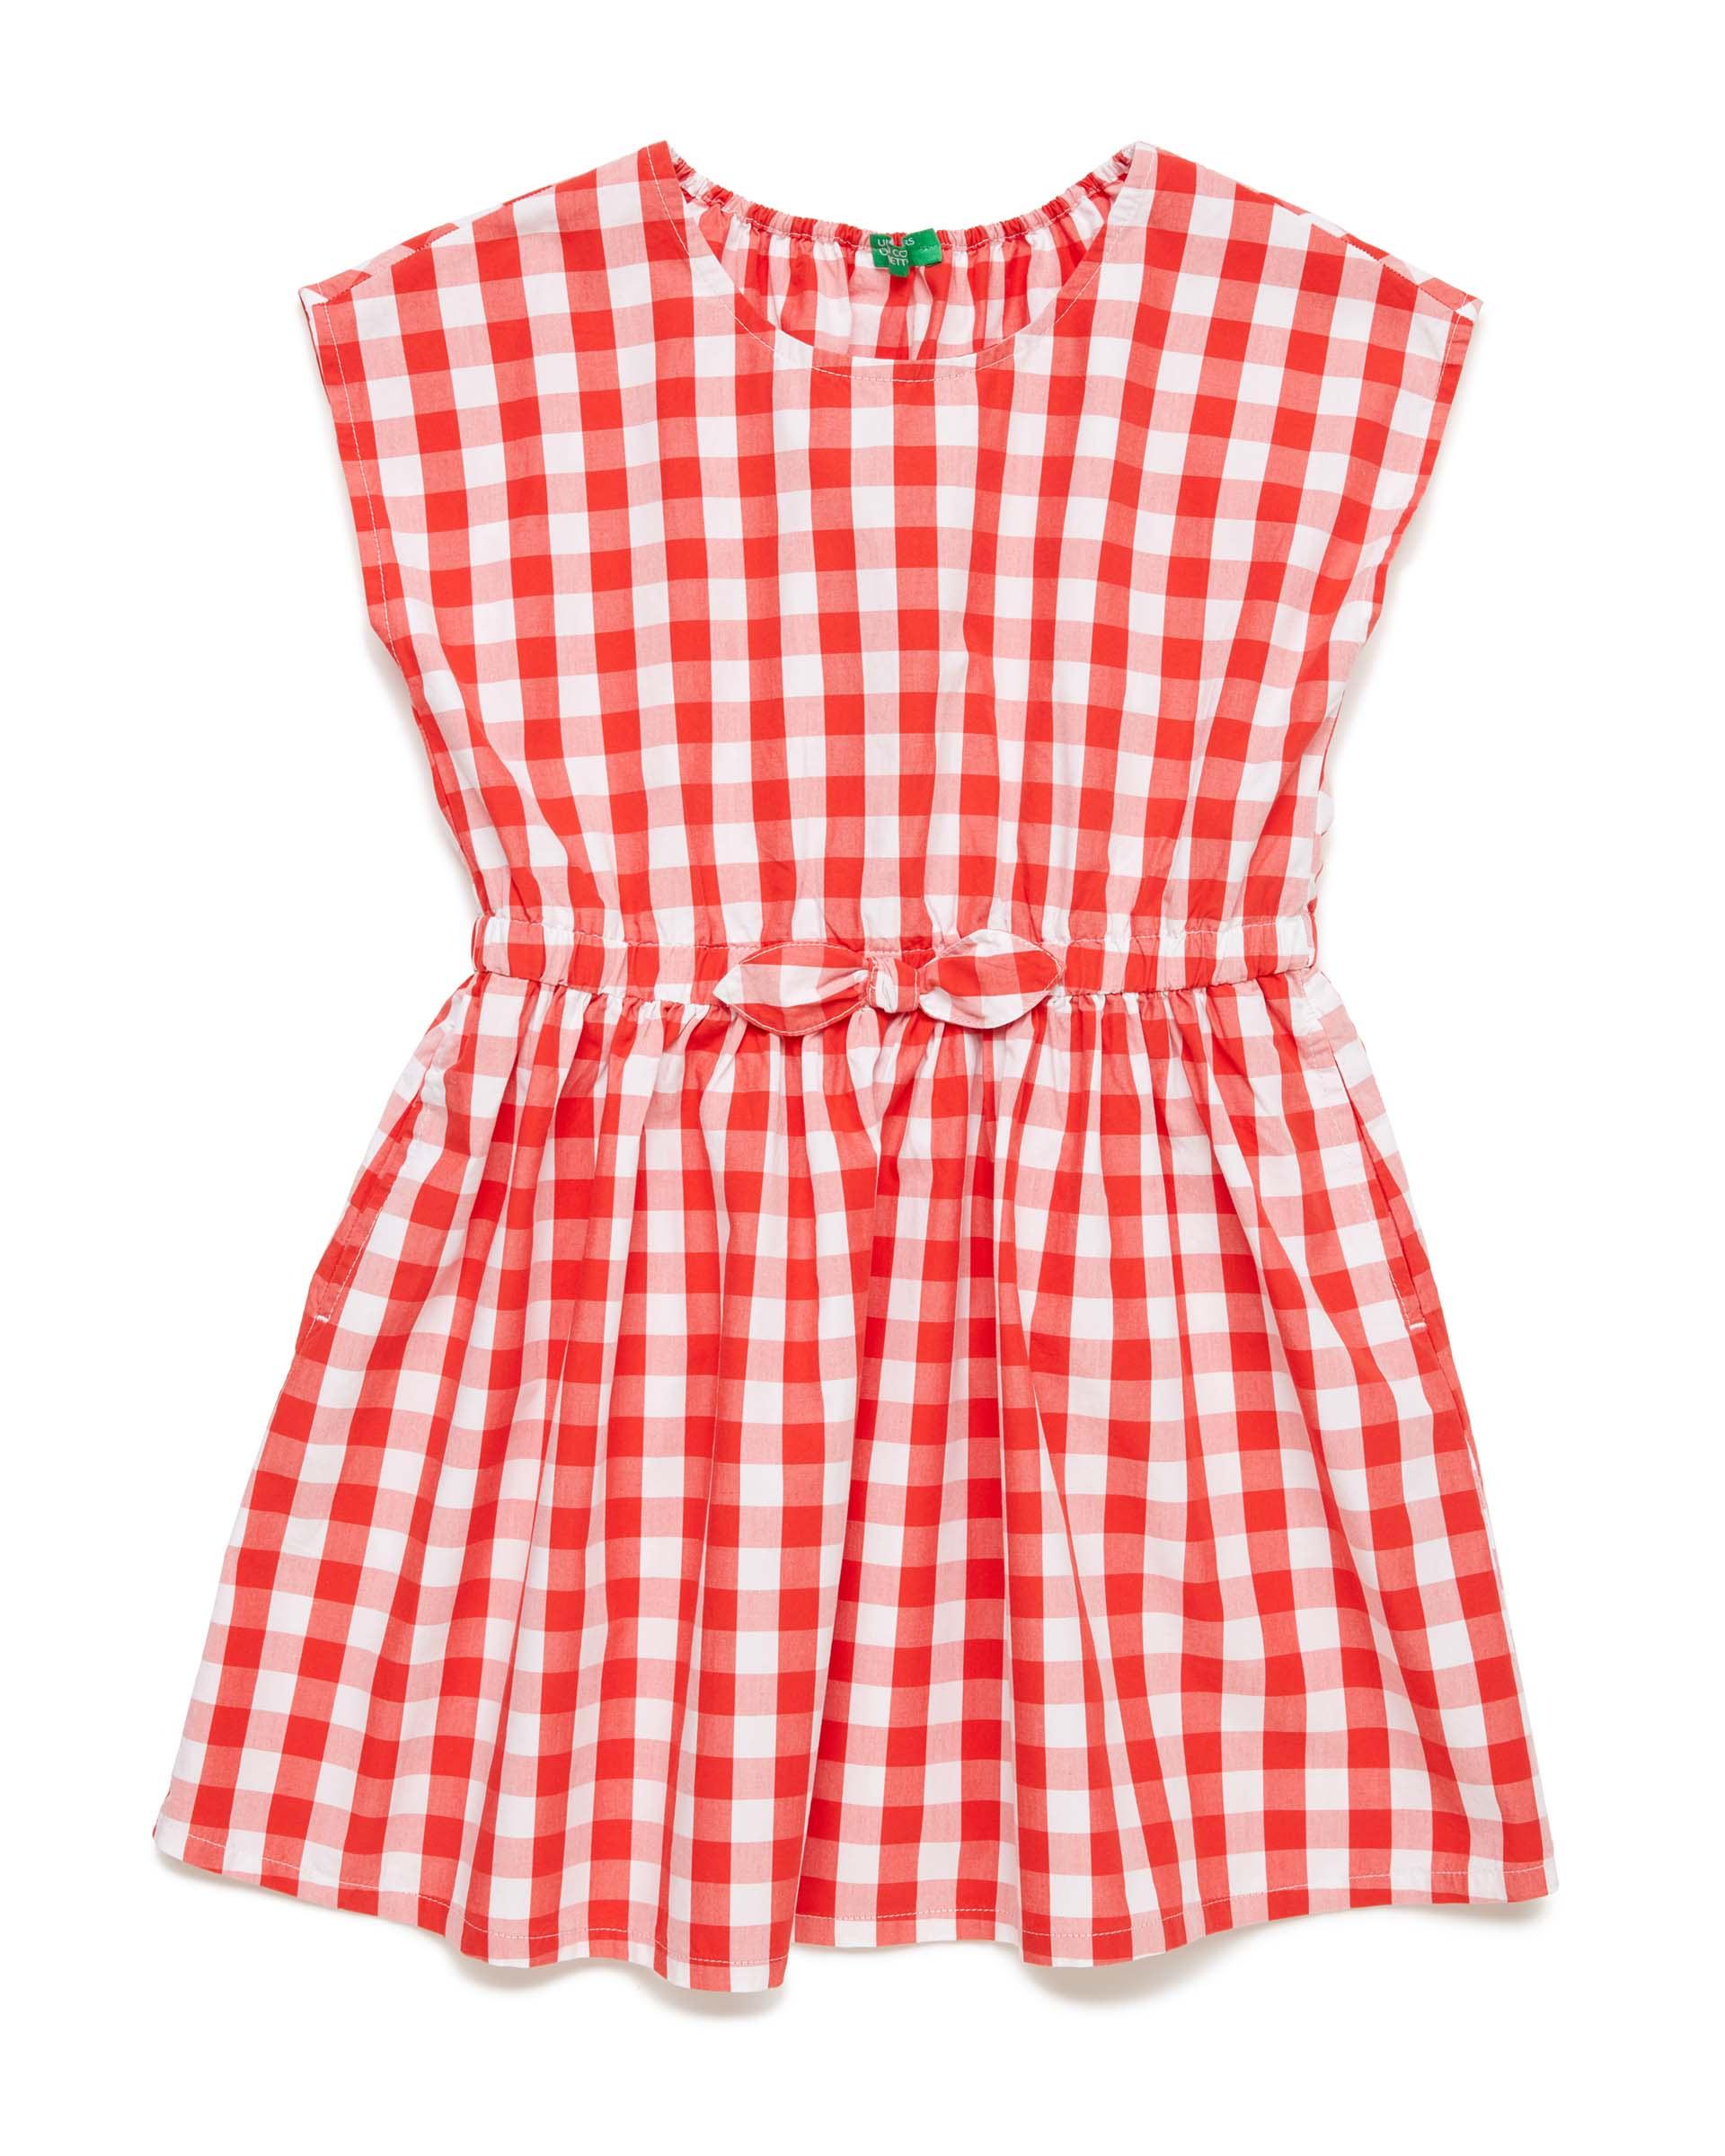 Купить 20P_4OT75VDG0_912, Платье для девочек Benetton 4OT75VDG0_912 р-р 158, United Colors of Benetton, Платья для девочек